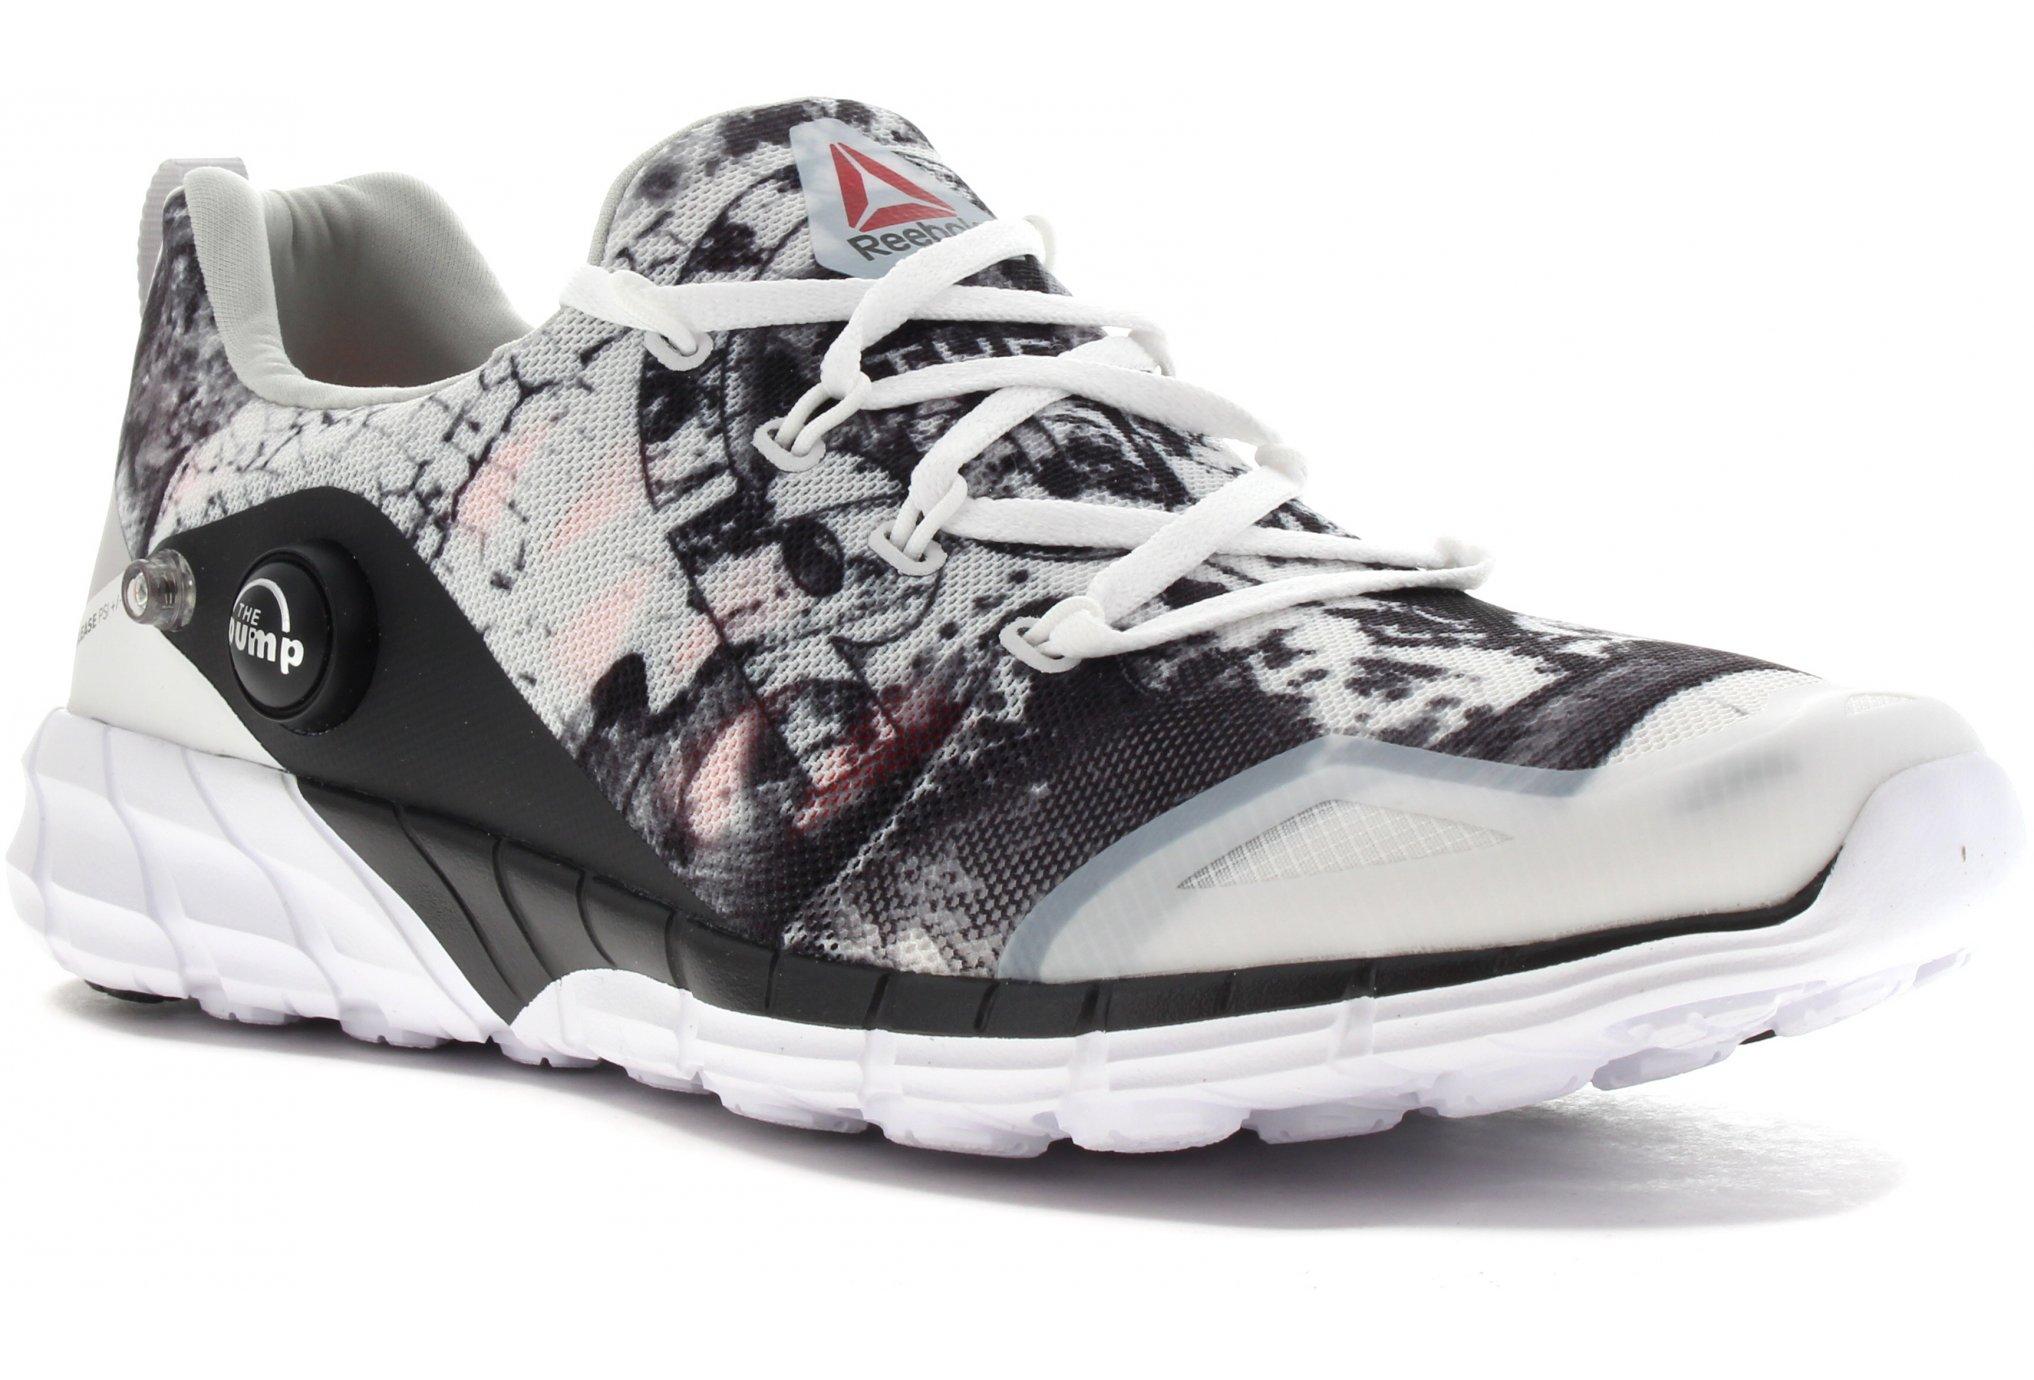 2 Zpump Fusion Diététique Chaussures Resathlon Femme Reebok W qtZxv